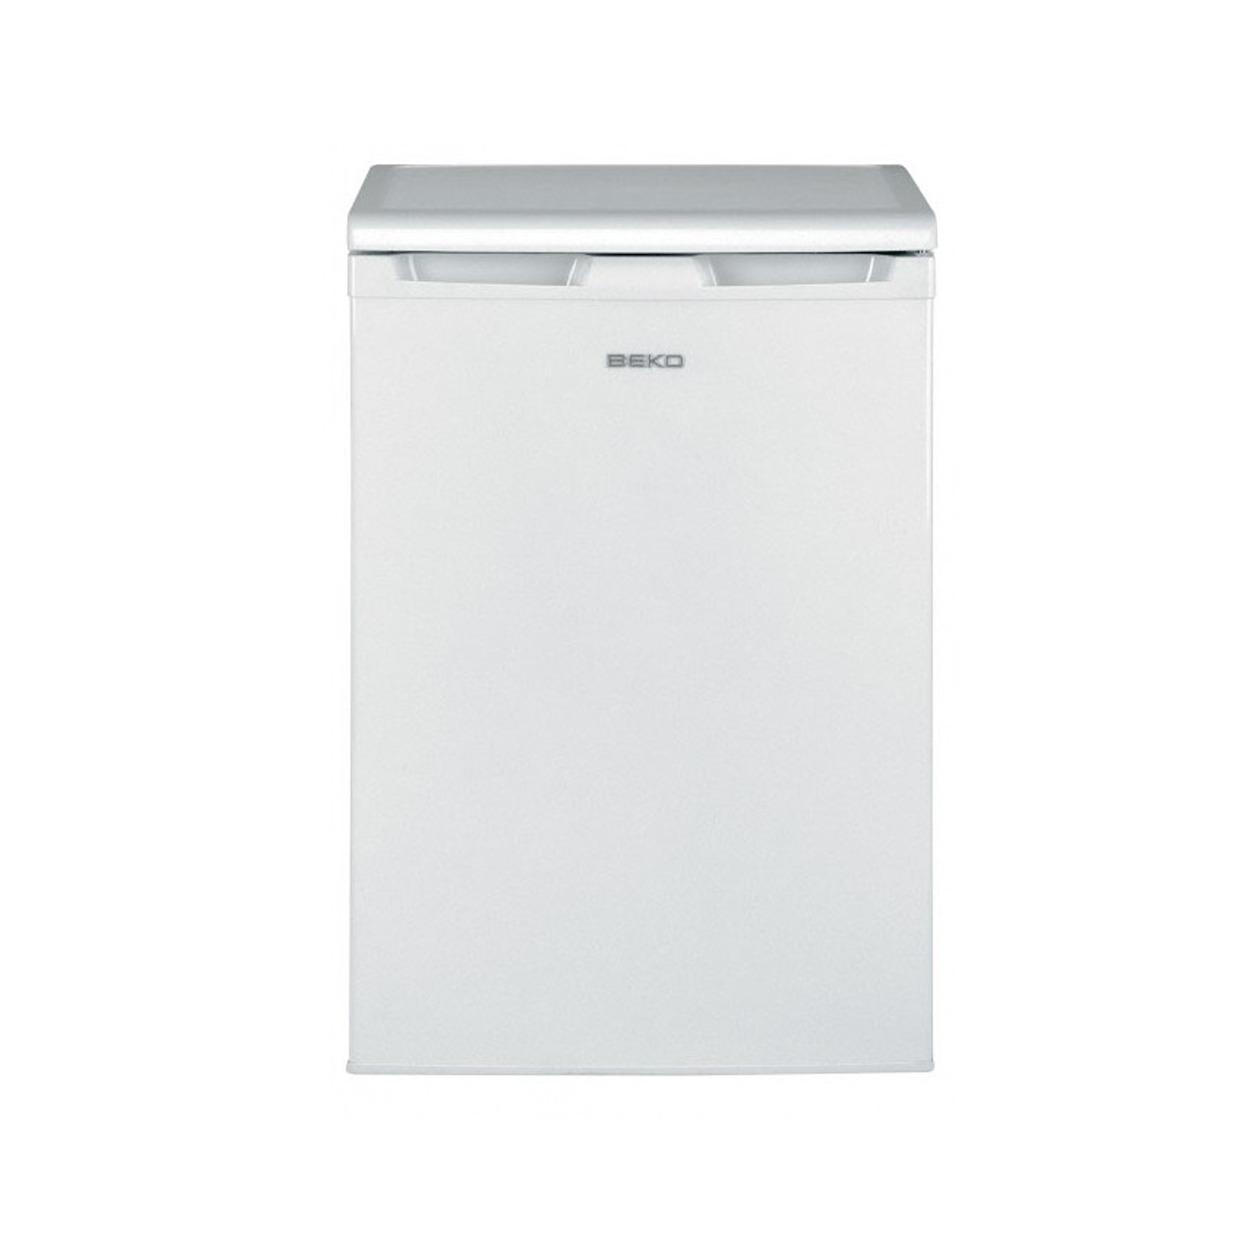 Beko koelkast met vriesvak TSE1282 - Prijsvergelijk